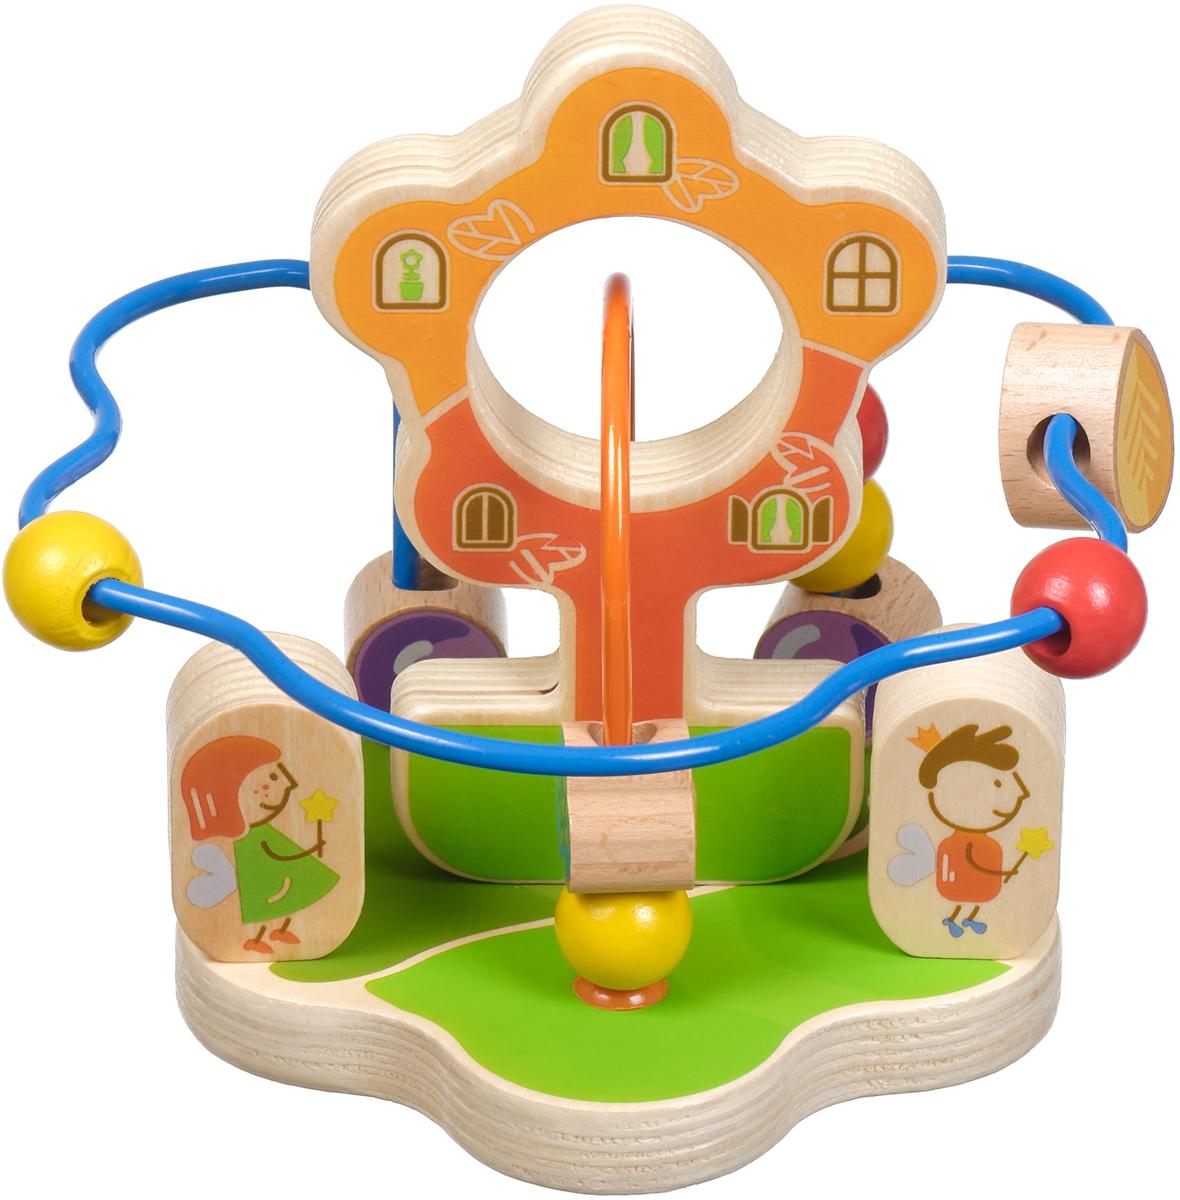 Игрушки из дерева Обучающая игра Лабиринт Волшебный цветок конструкторы игрушки из дерева трамвай